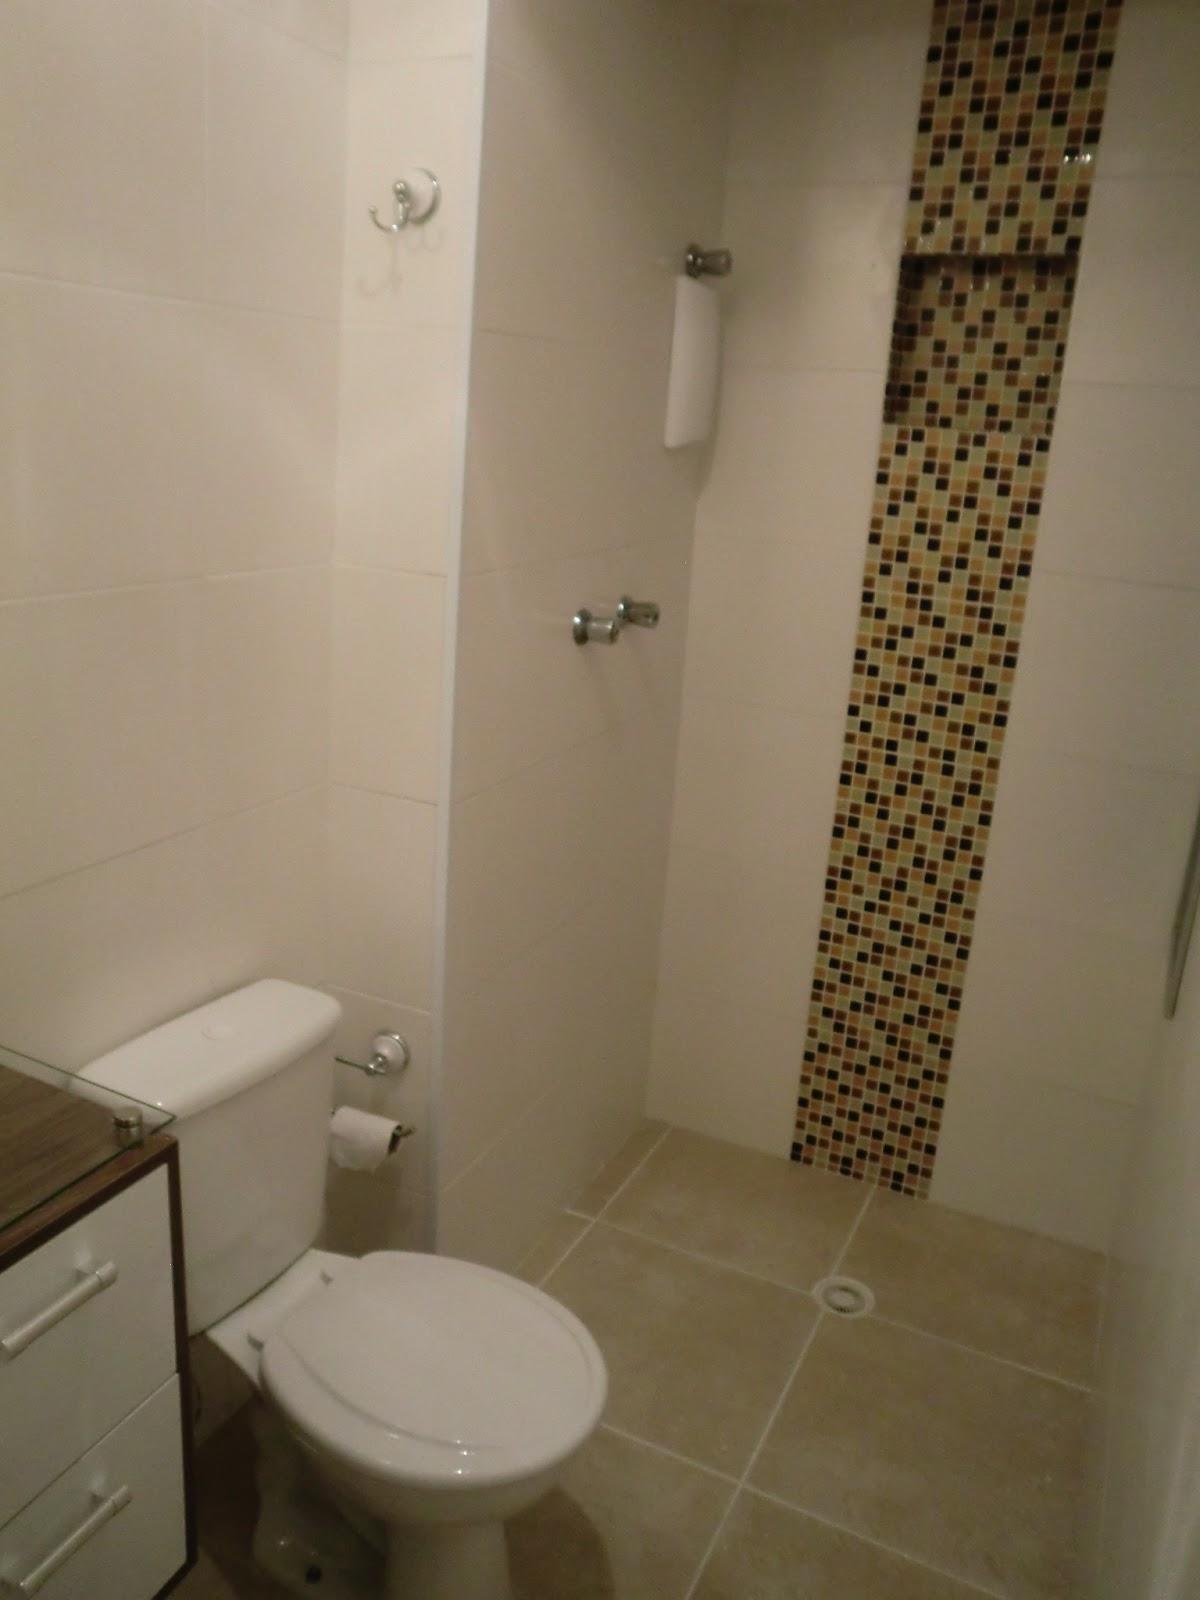 nicho de pastilhas de vidro dentro bo box do banheiro Casa e Reforma #392C19 1200x1600 Banheiro Com Acabamento Com Pastilhas